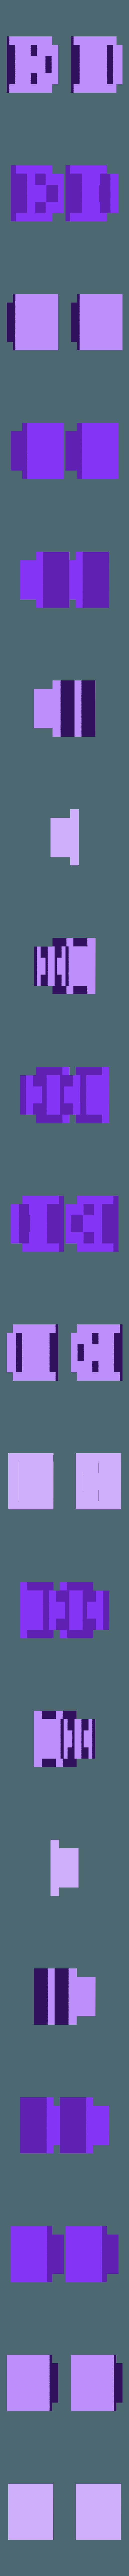 soporte_gafas_en_TPU.obj Download free OBJ file Soporte para gafas para el Quanum Cyclops (Y similares) y otros accesorios • 3D printer model, PaulDrones